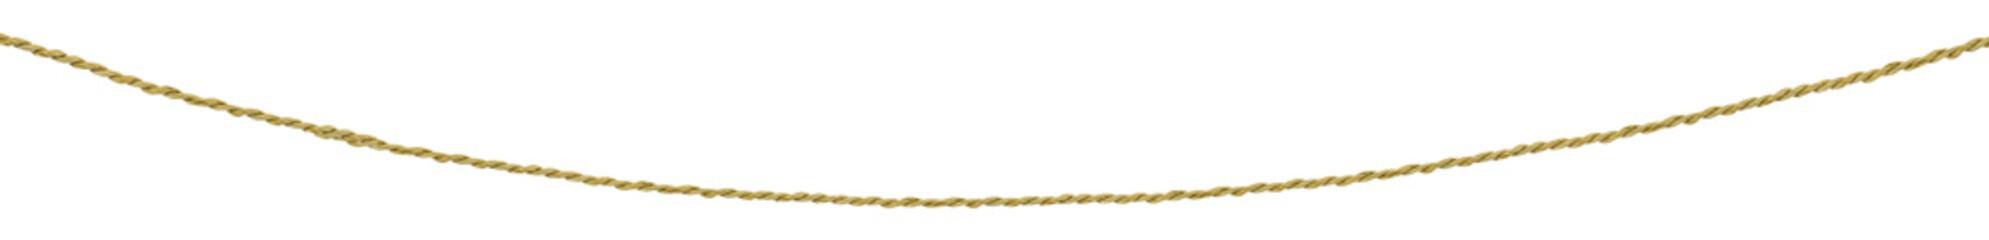 ficelle courbe sur fond blanc